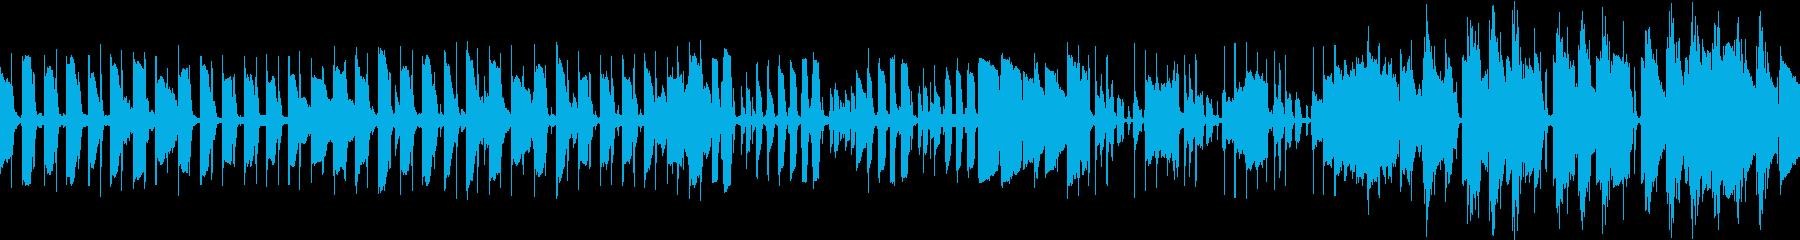 ベースが特徴的なメロディーの再生済みの波形